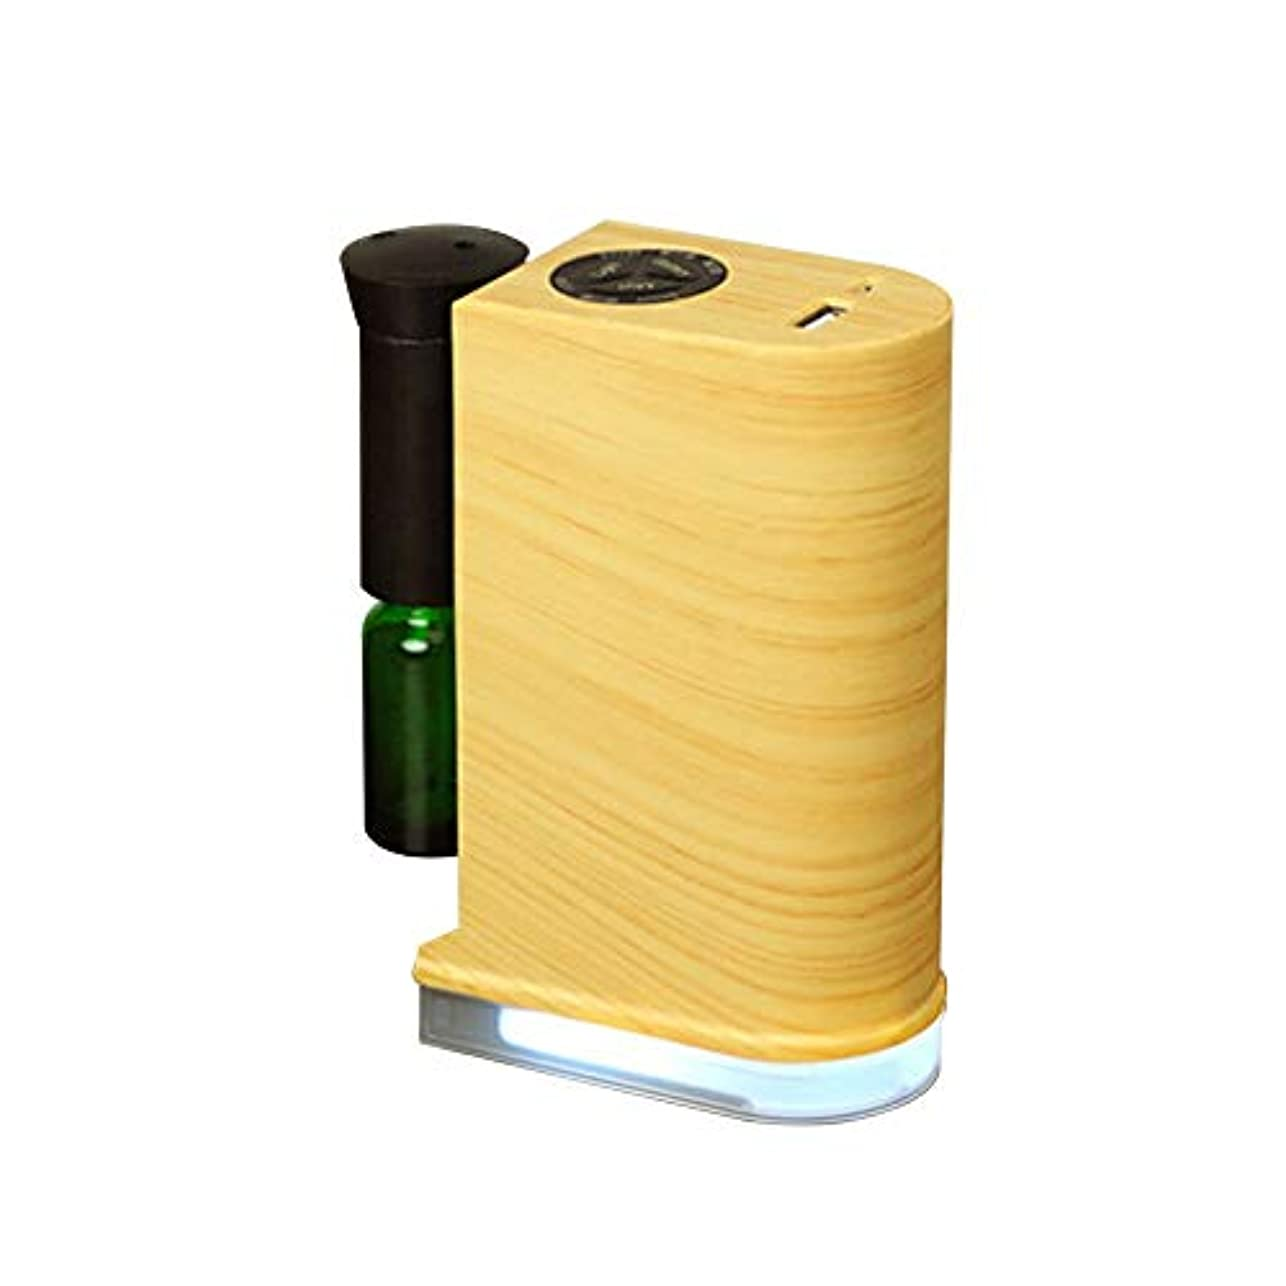 トリクル展示会ヘビアロマディフューザー 木目調 ネブライザー式 USBポート付き 癒しの空間 卓上 アロマライト アロマオイル スマホ充電可能 オフィス リビング ナチュラル